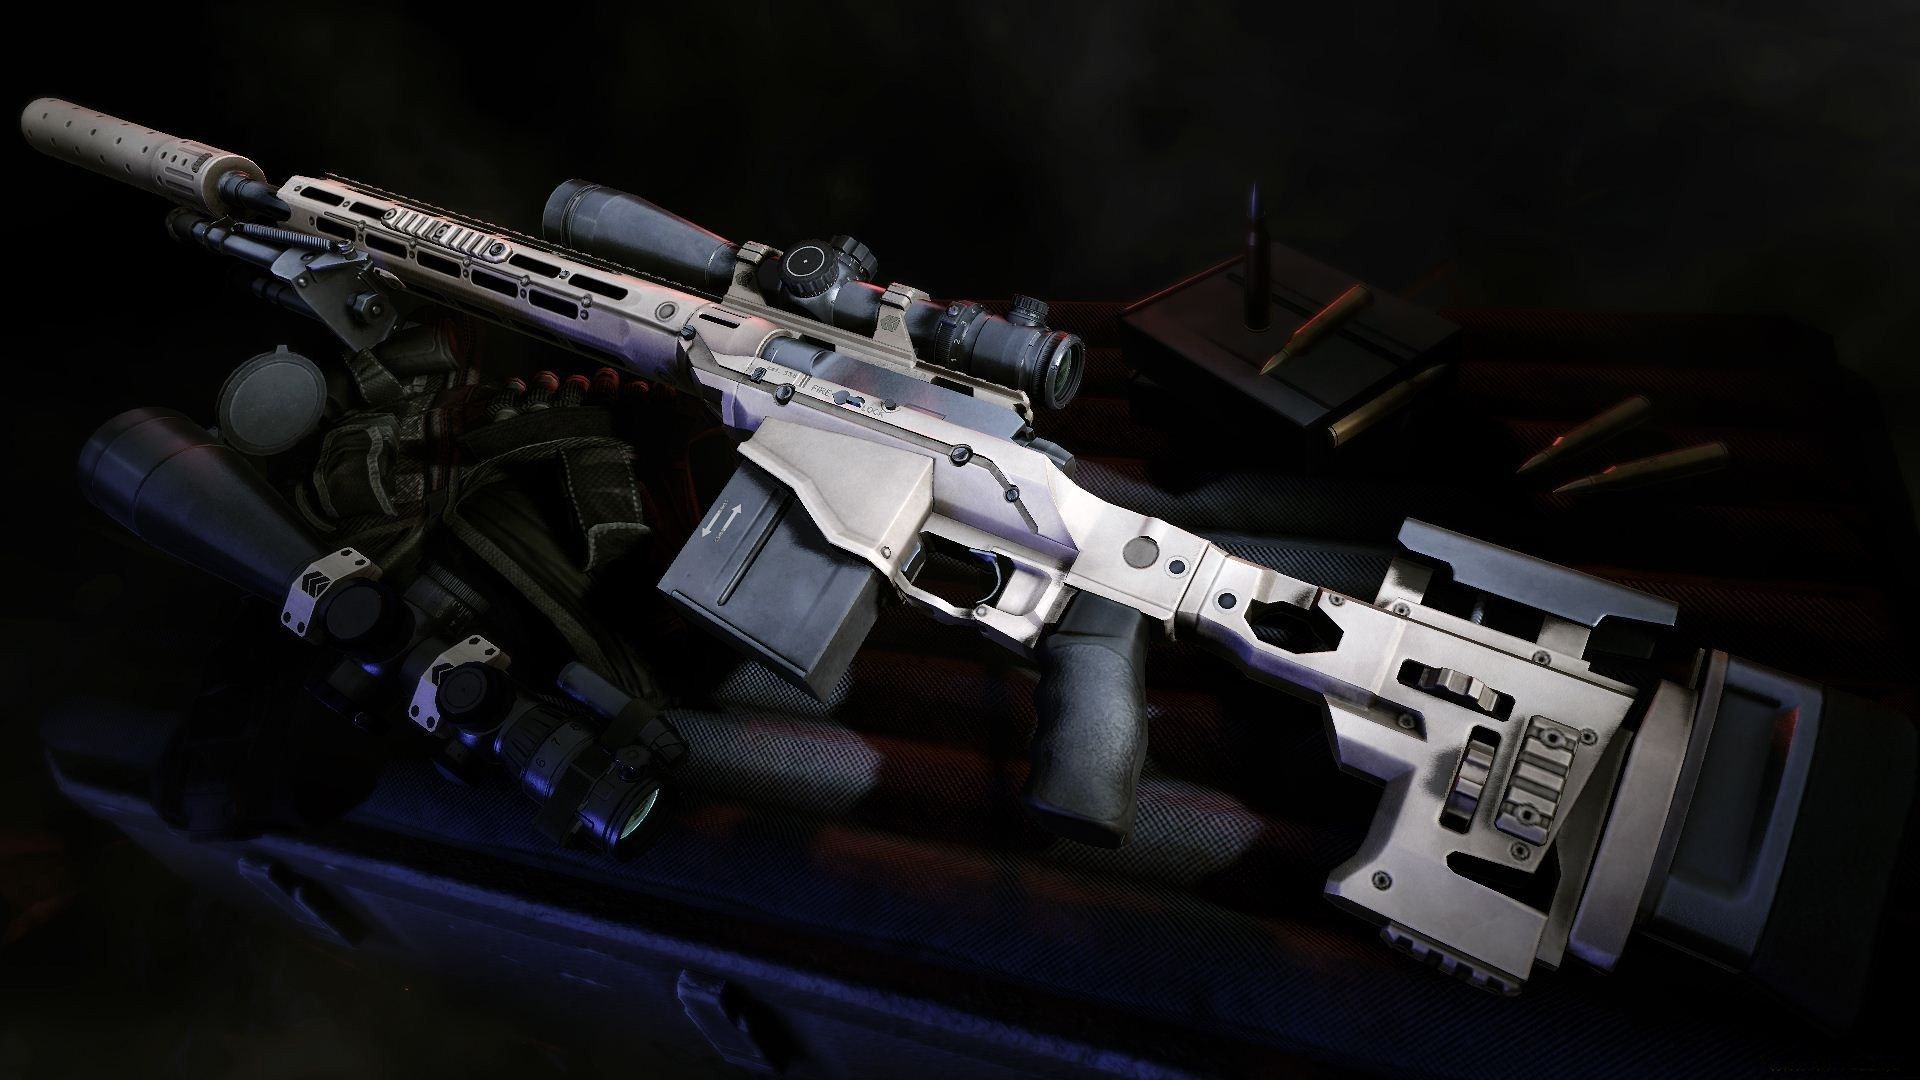 pictures for desktop: sniper ghost warrior 2 wallpaper (bradshaw pe